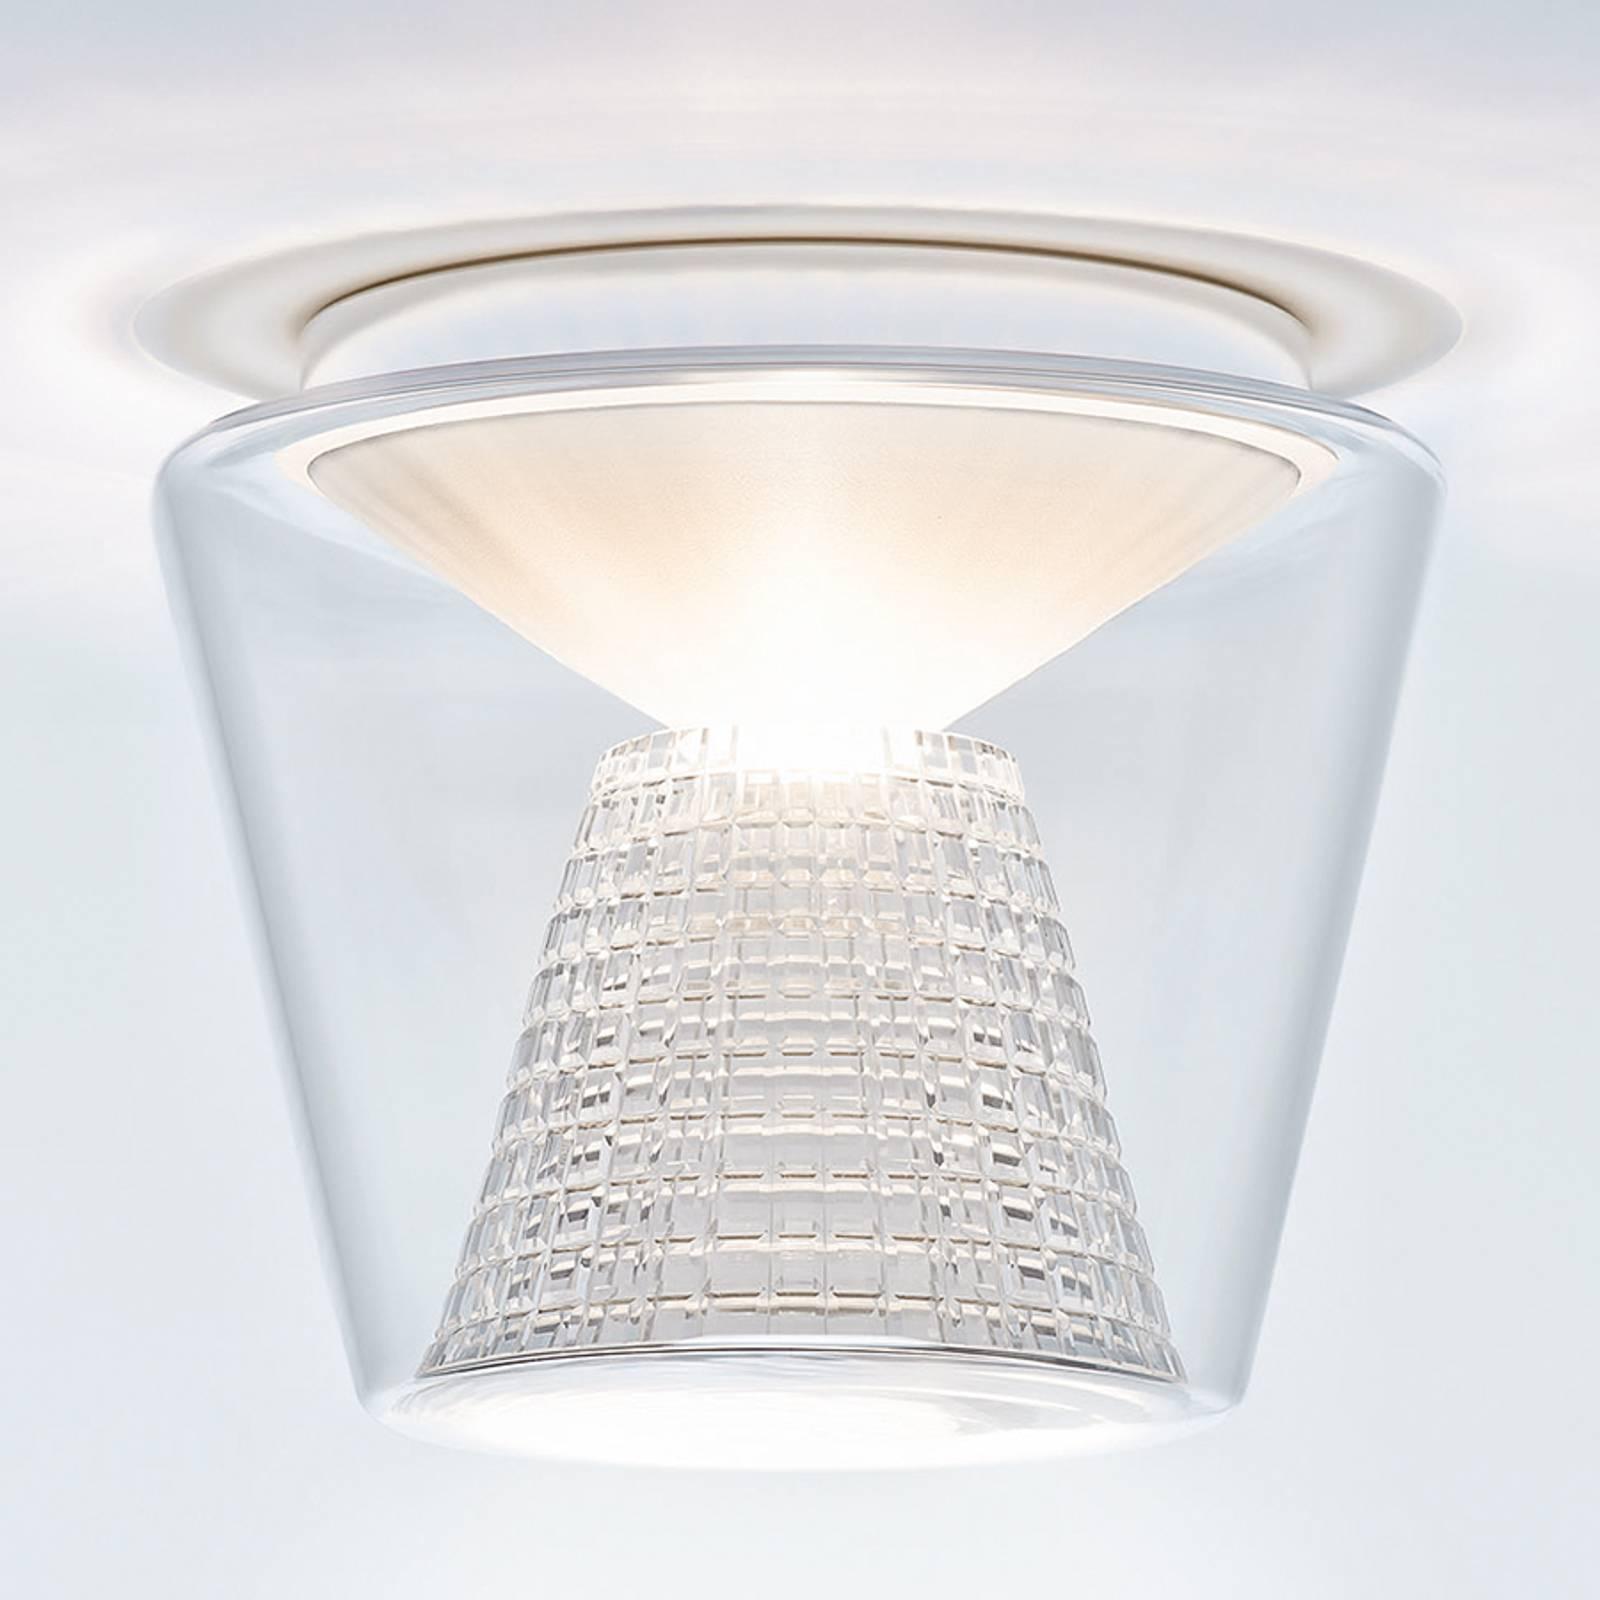 Annex - LED-kattovalaisin kristalliheijastimella